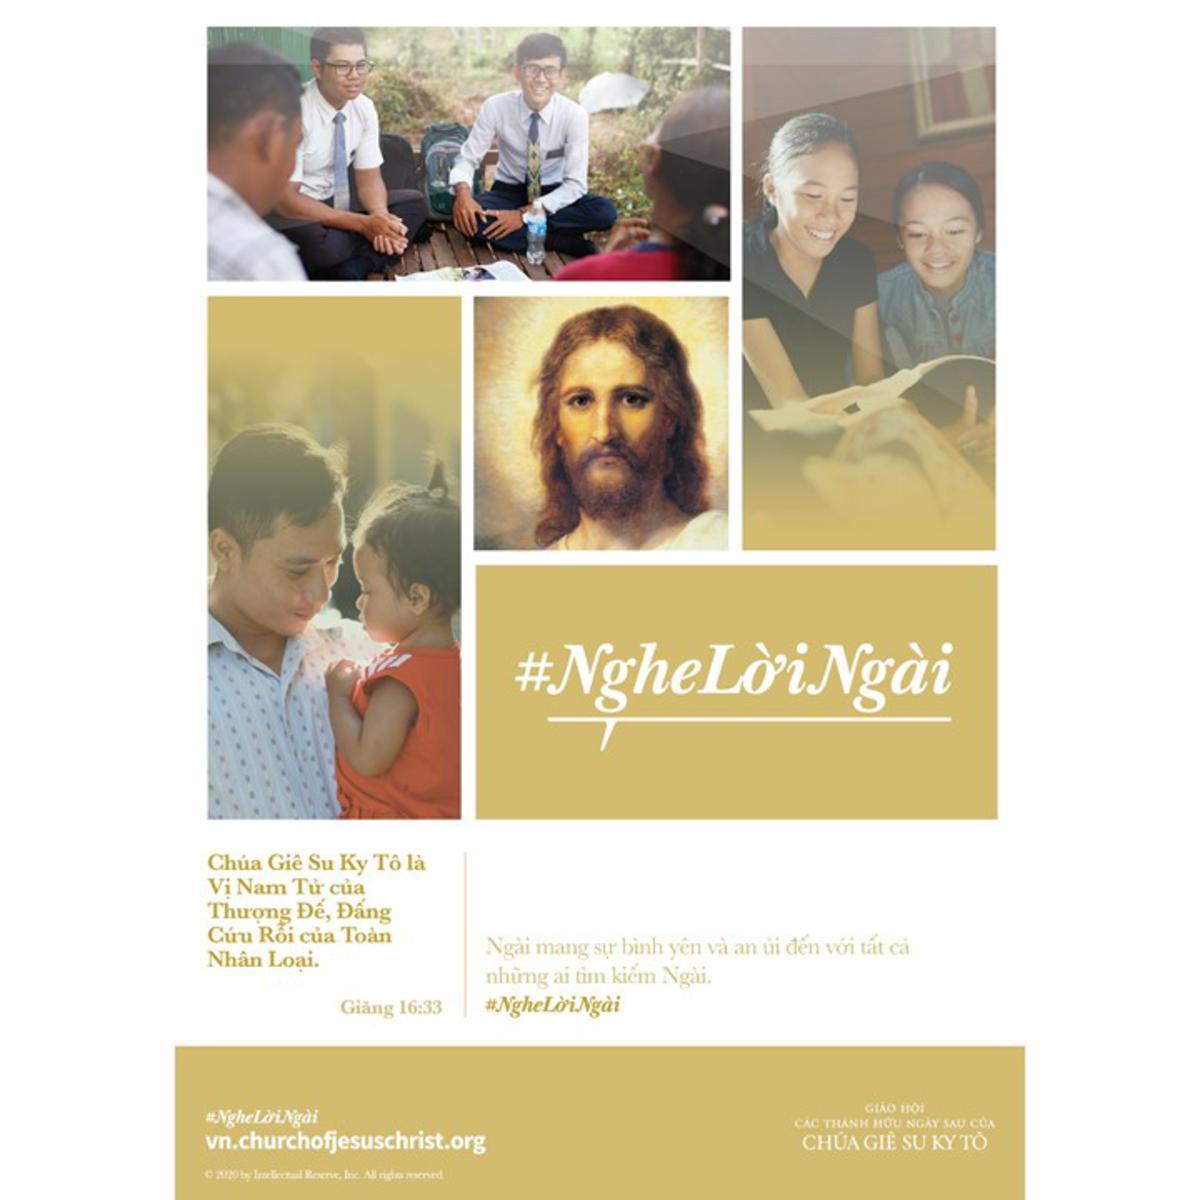 Chúa Giê Su Ky Tô là Vị Nam Tử của Thượng Đế, Đấng Cứu Rỗi của Toàn Nhân Loại